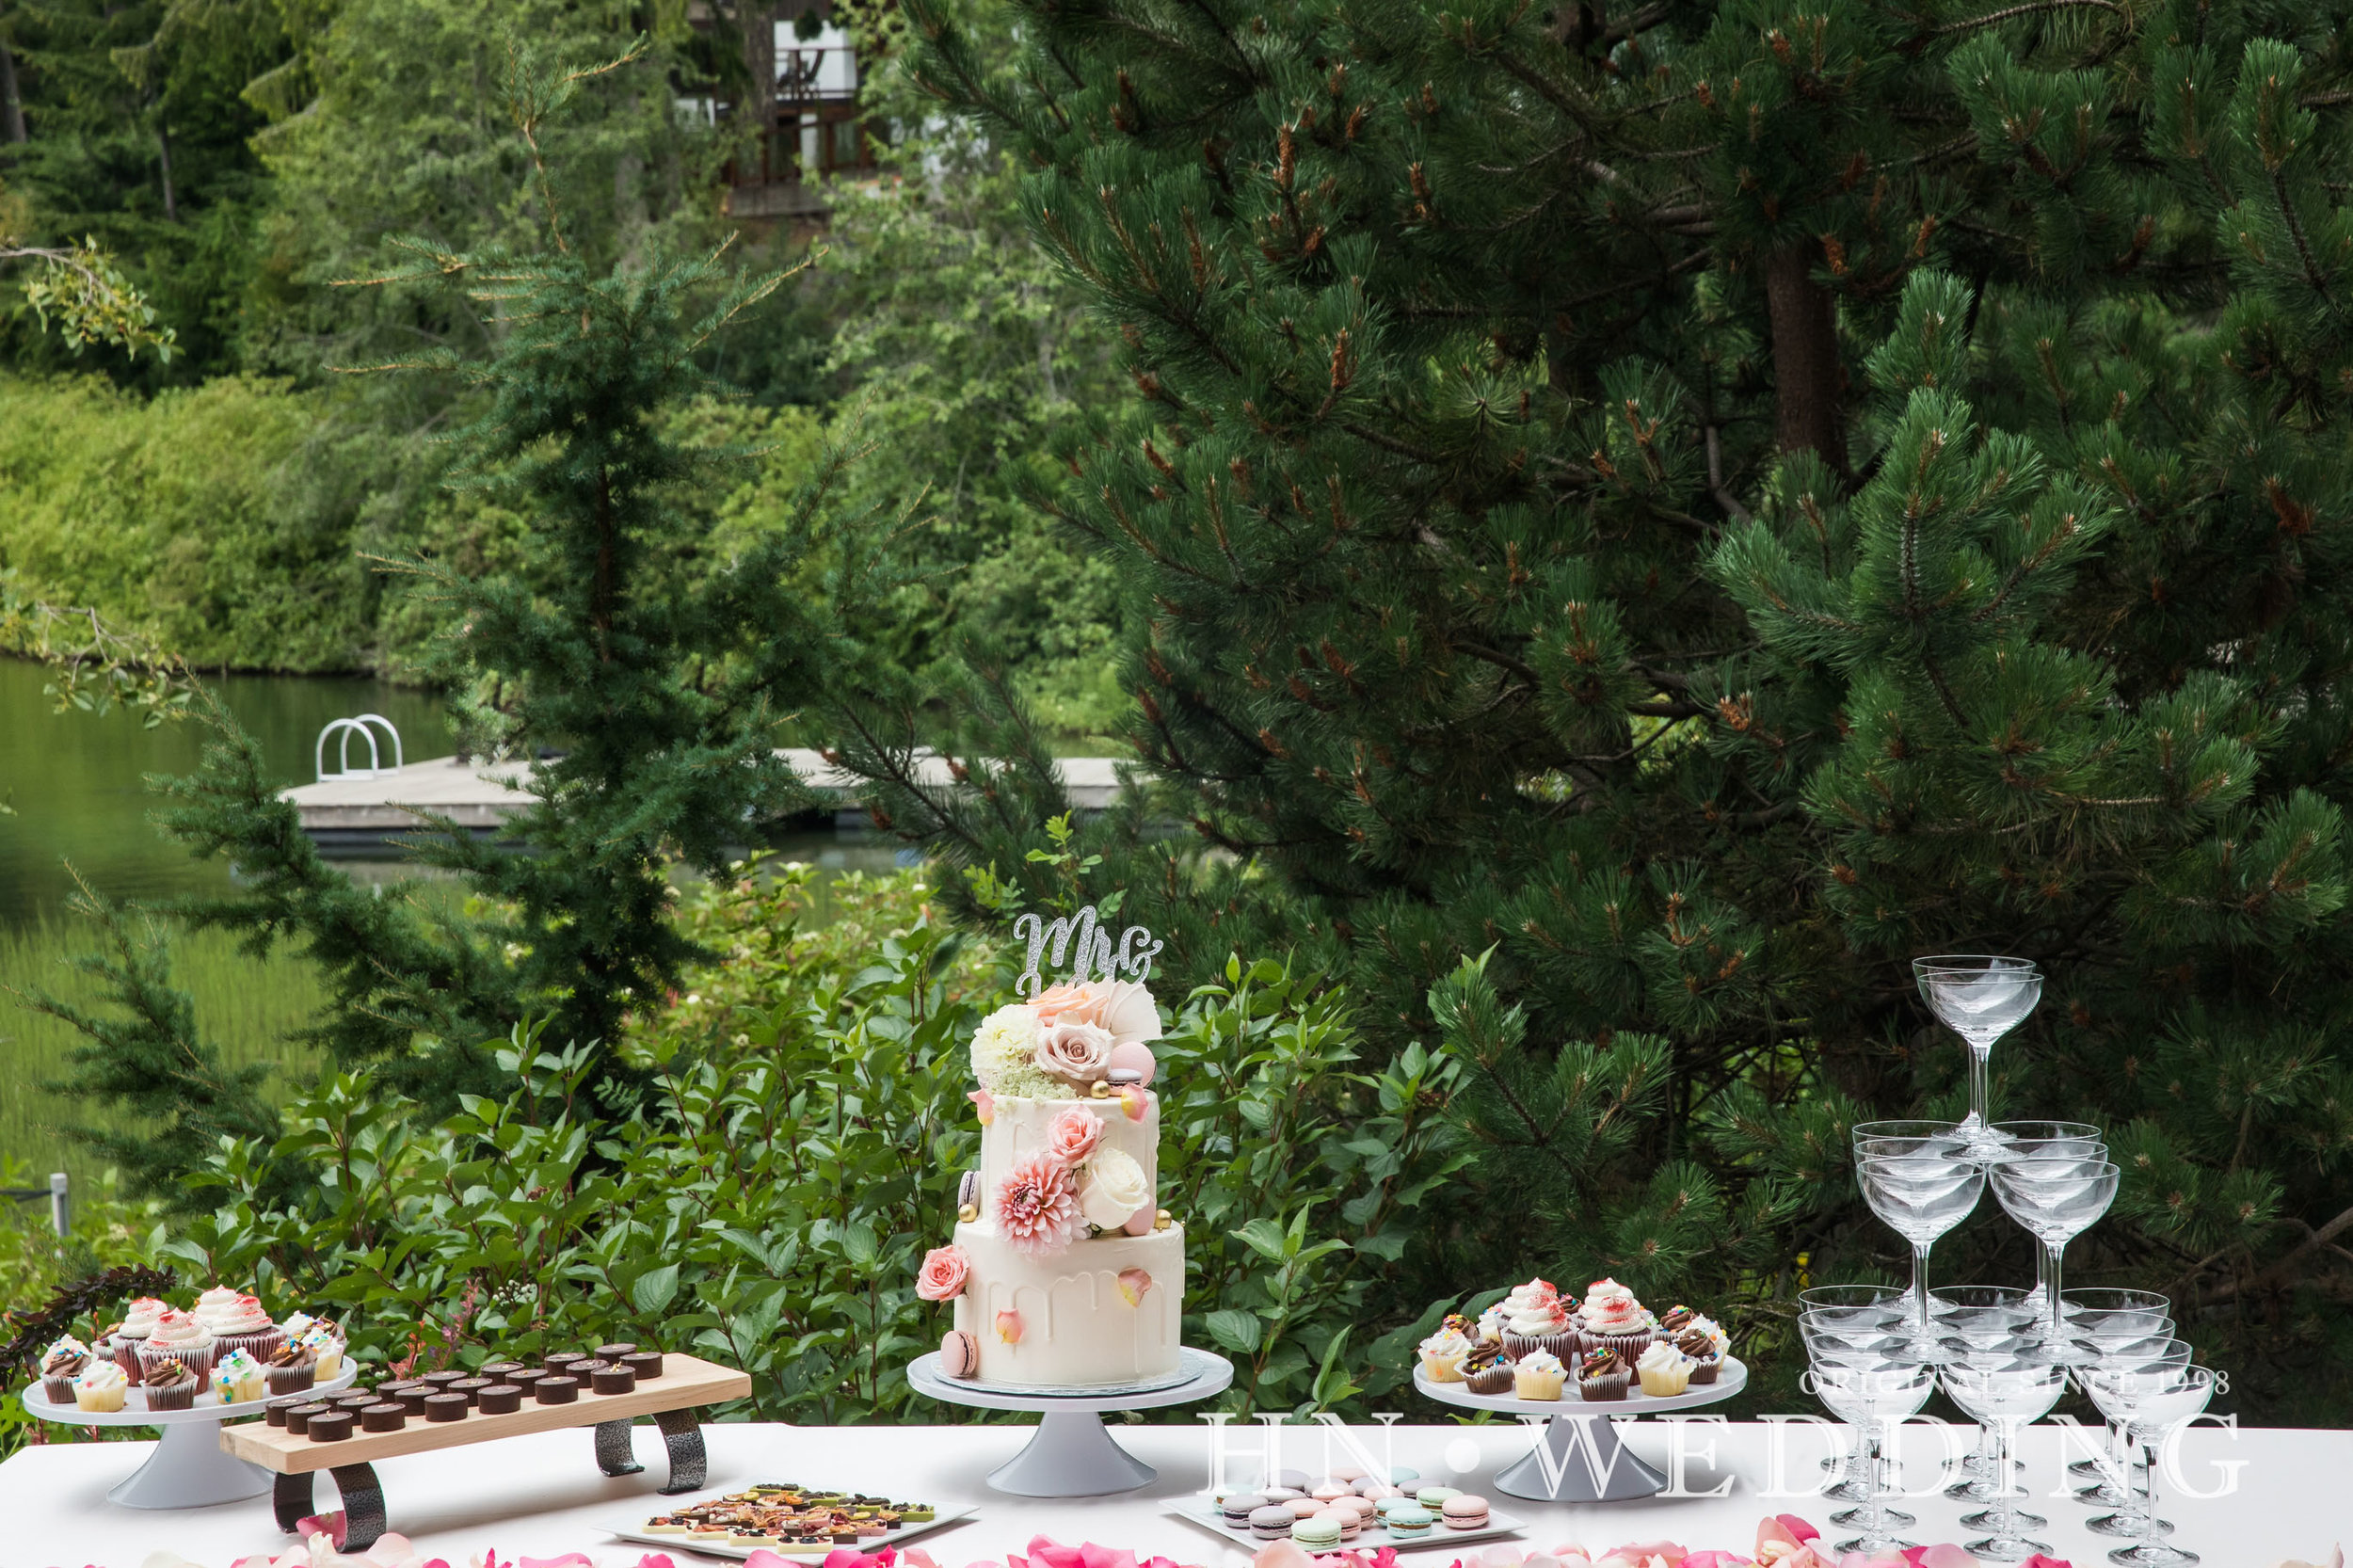 hnweddingprewedding-27.jpg